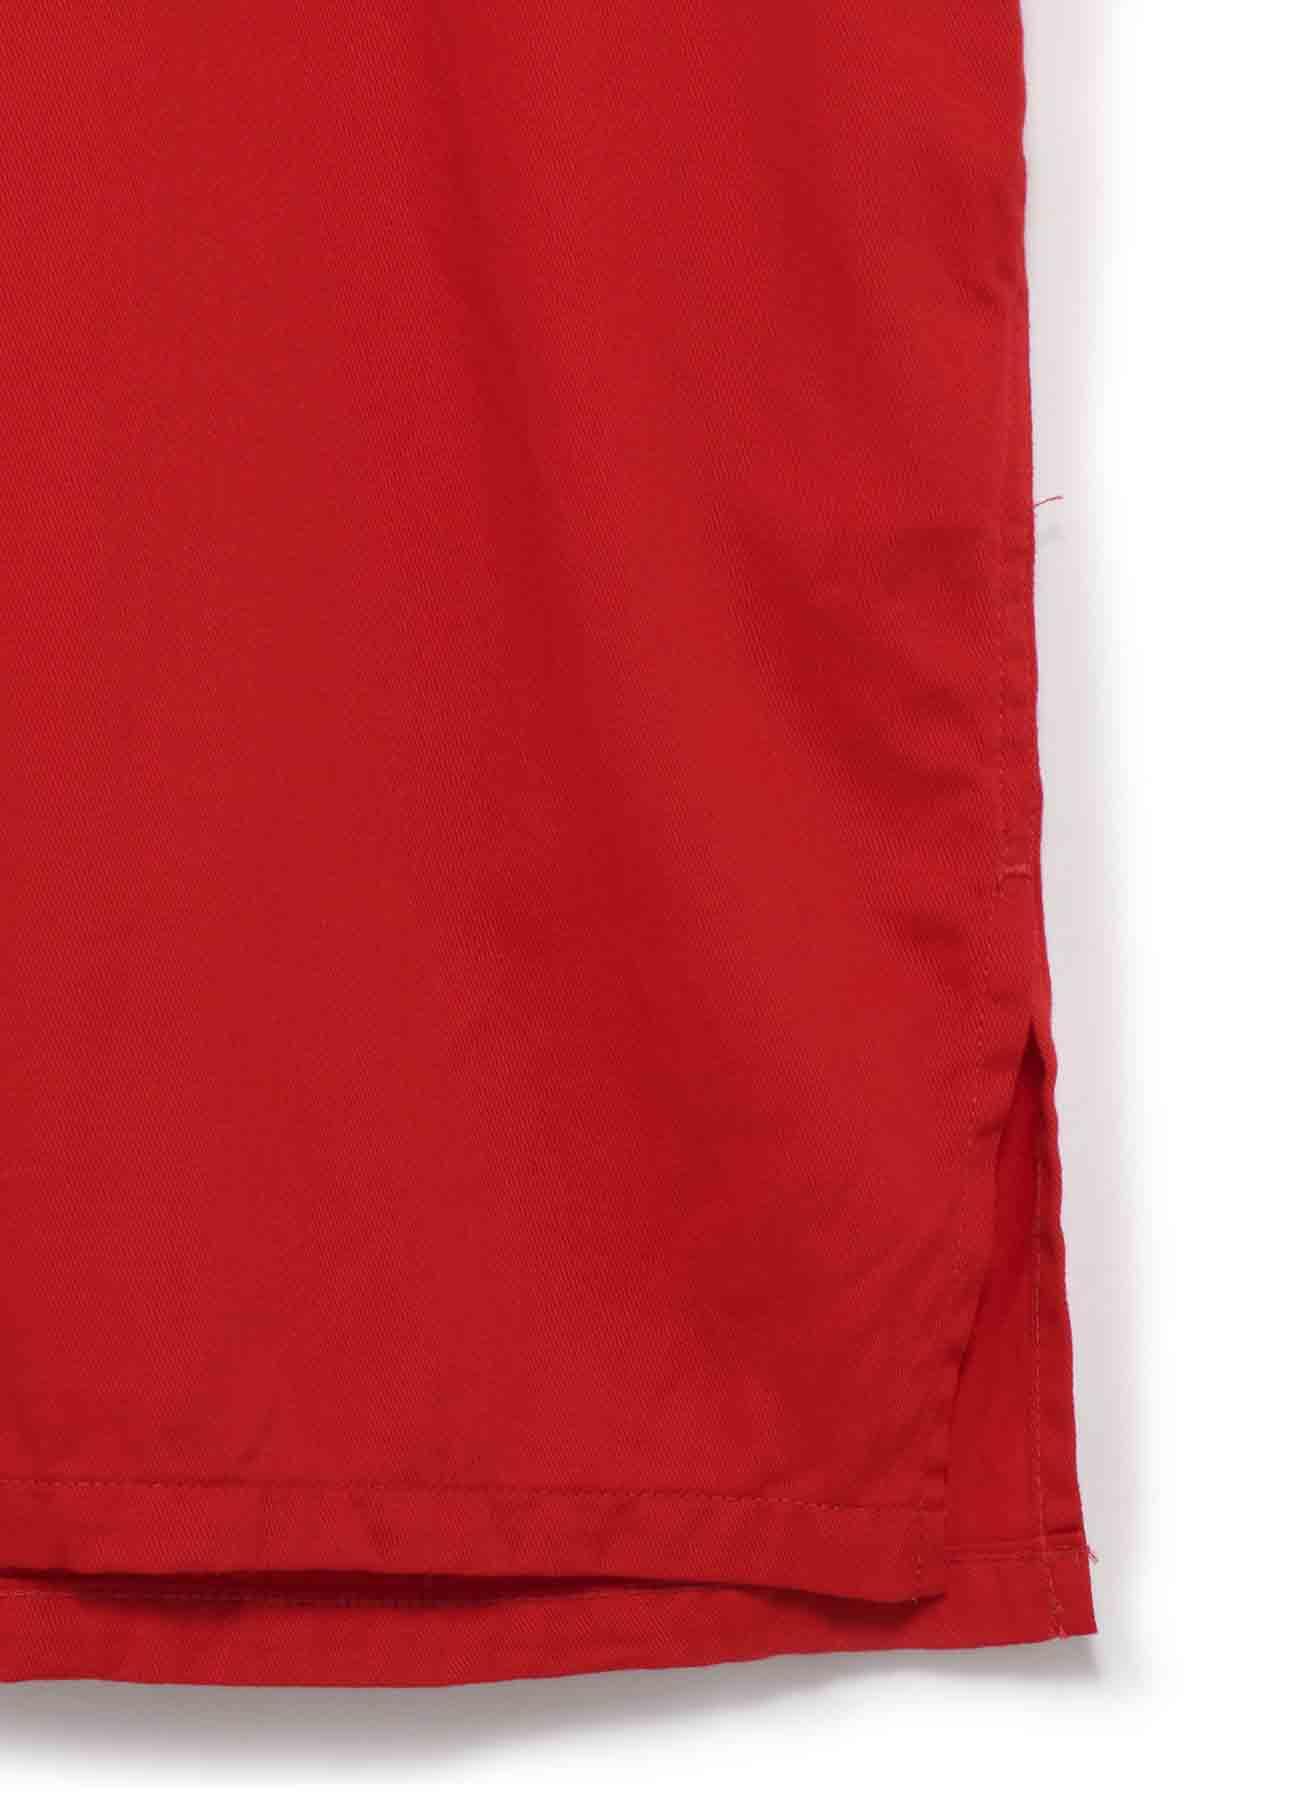 Y's BANG ON!No.32 Sleeve placket-Shirts Cotton KATSURAGI